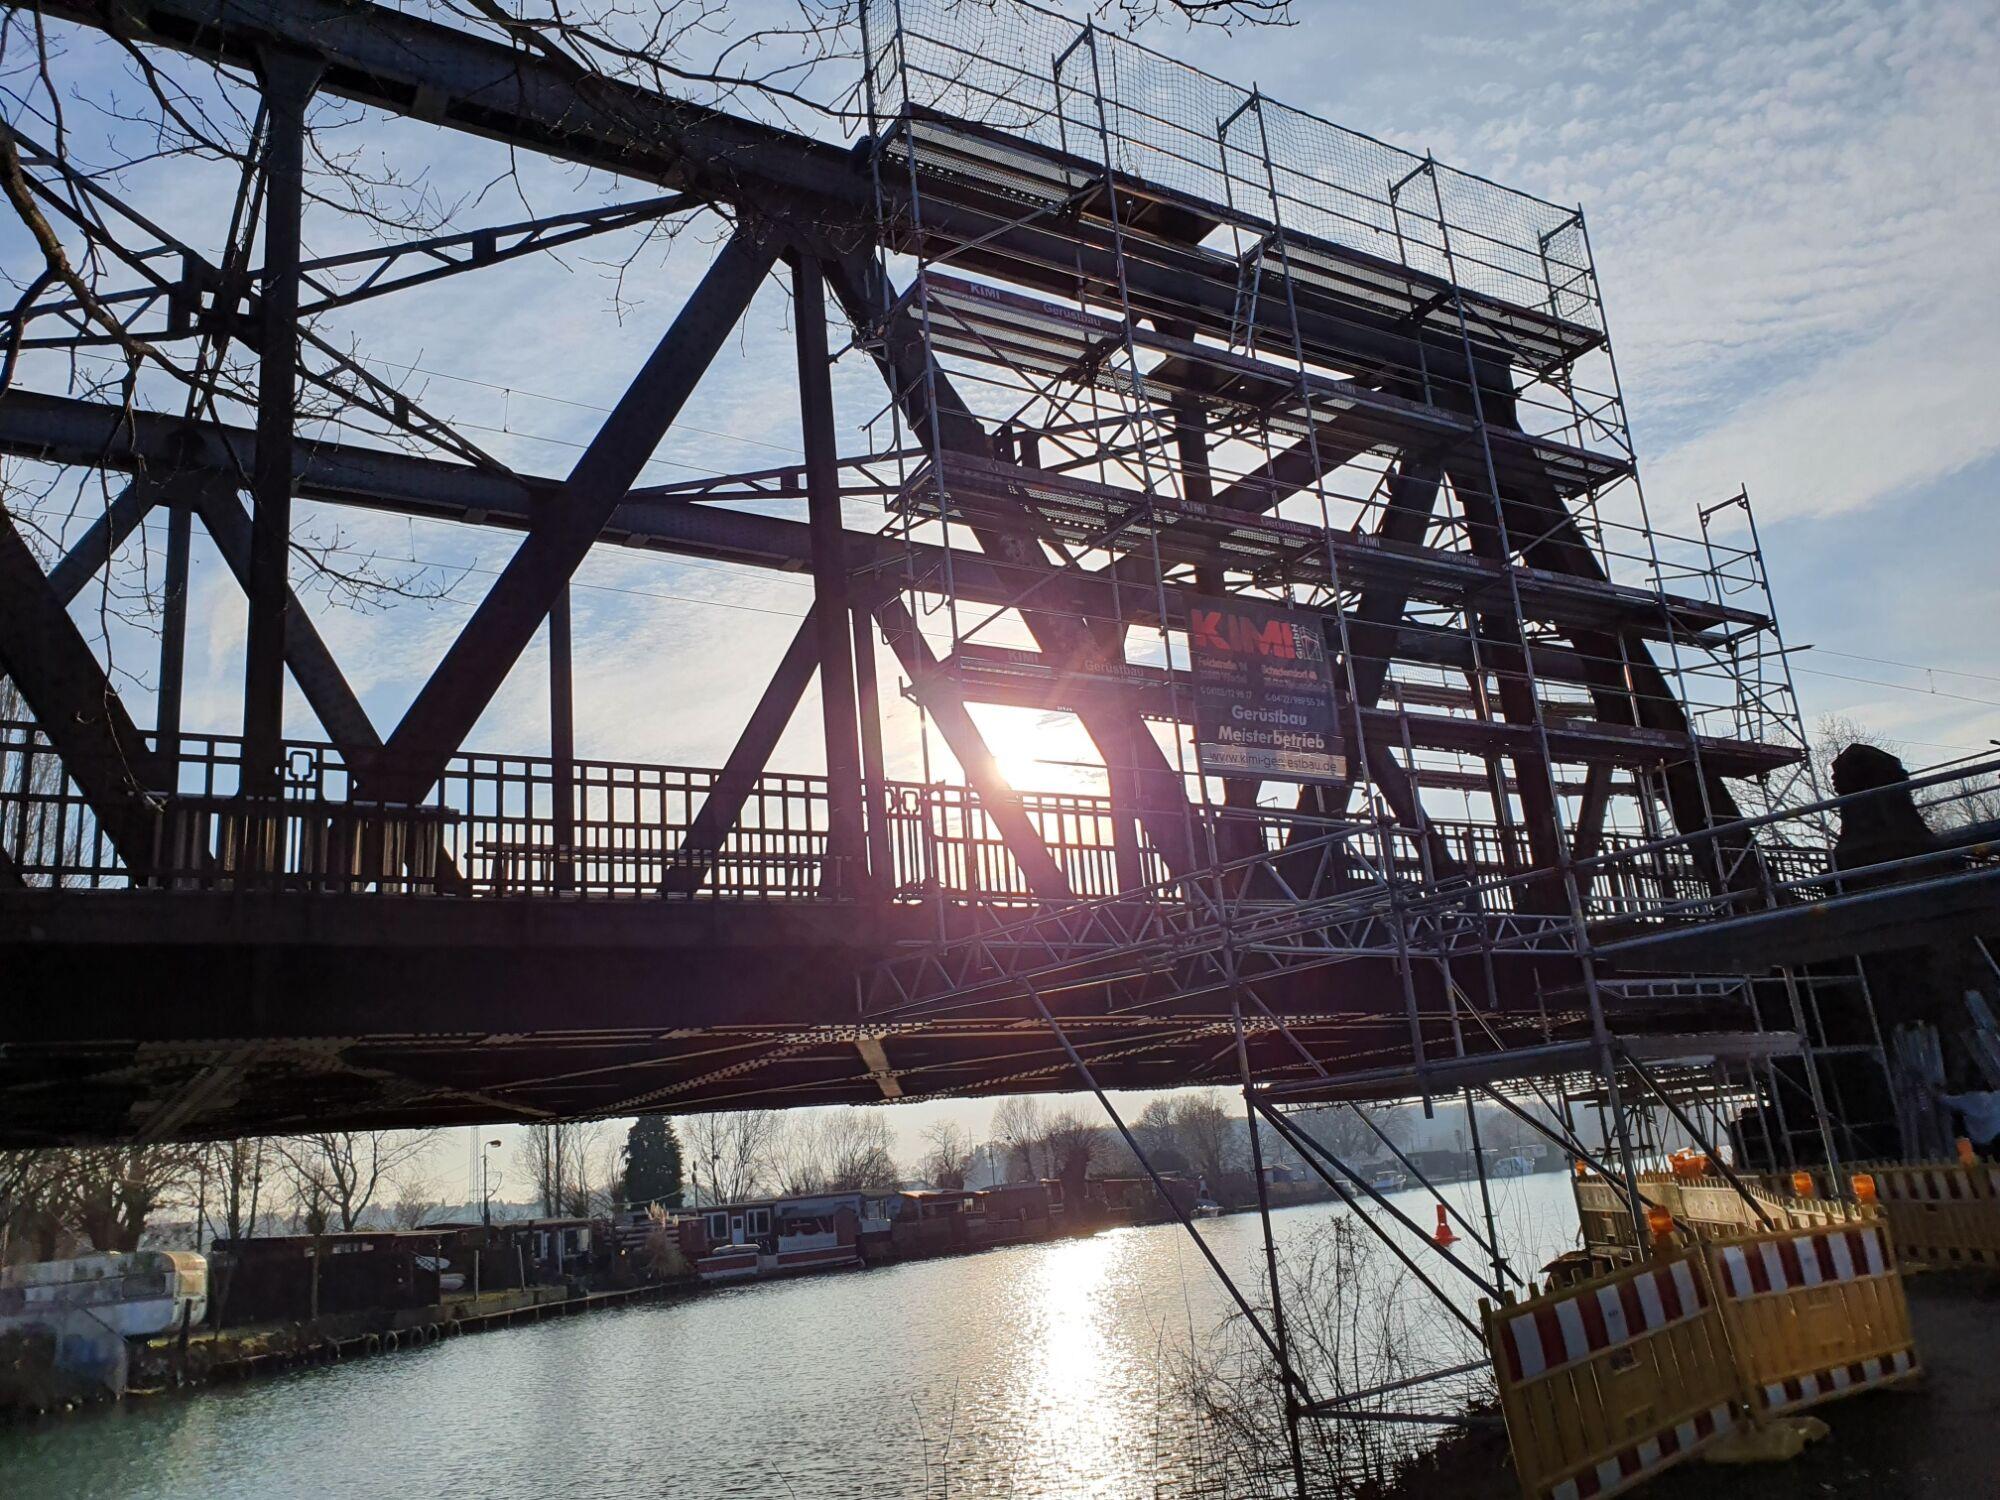 Kimi-Geruestbau-Trockenbau-Fassadengeruest-Wedel-Uetersen-Hamburg-Stahlbau-Schroeder-Bild-2